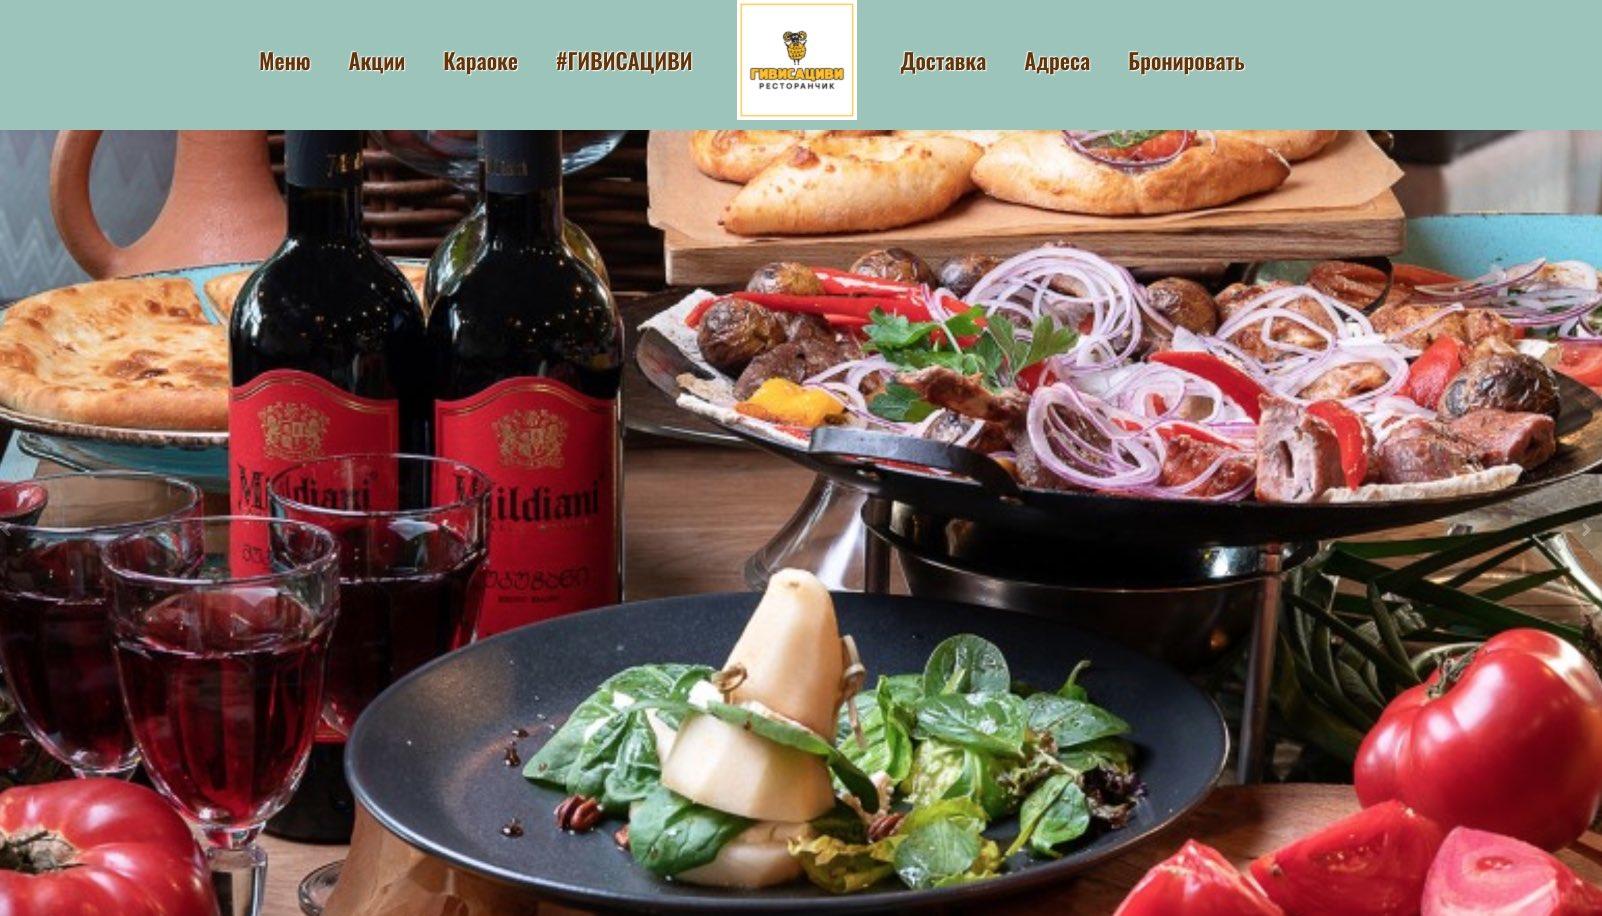 Givisatsivi Restaurant Moscow